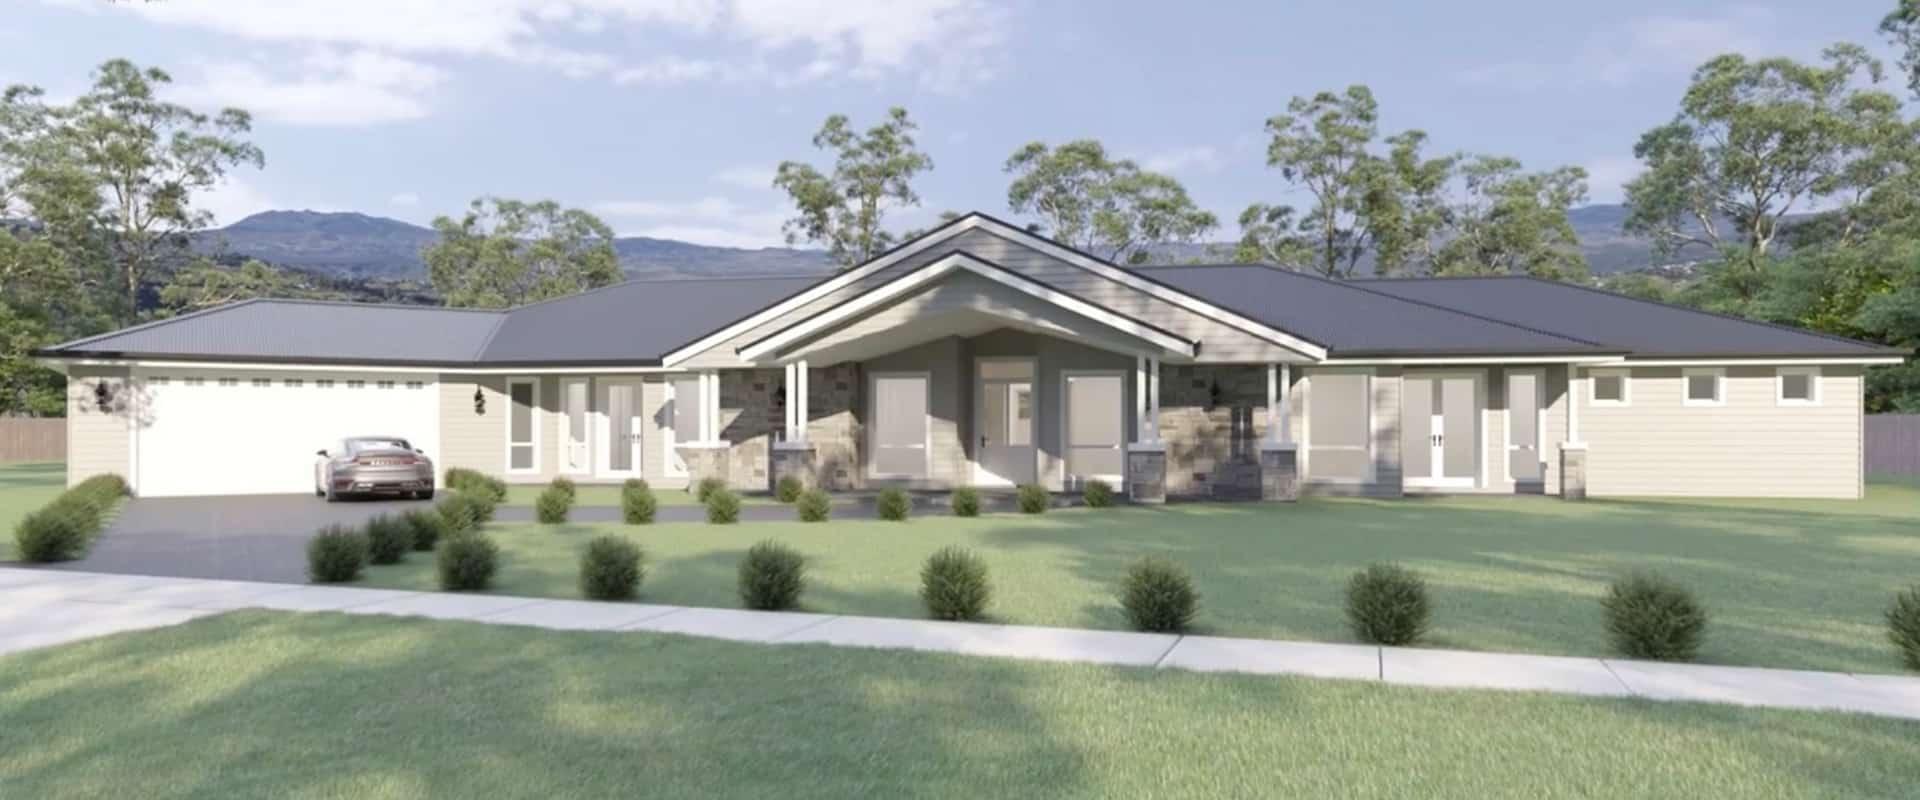 Mahoney Road - House